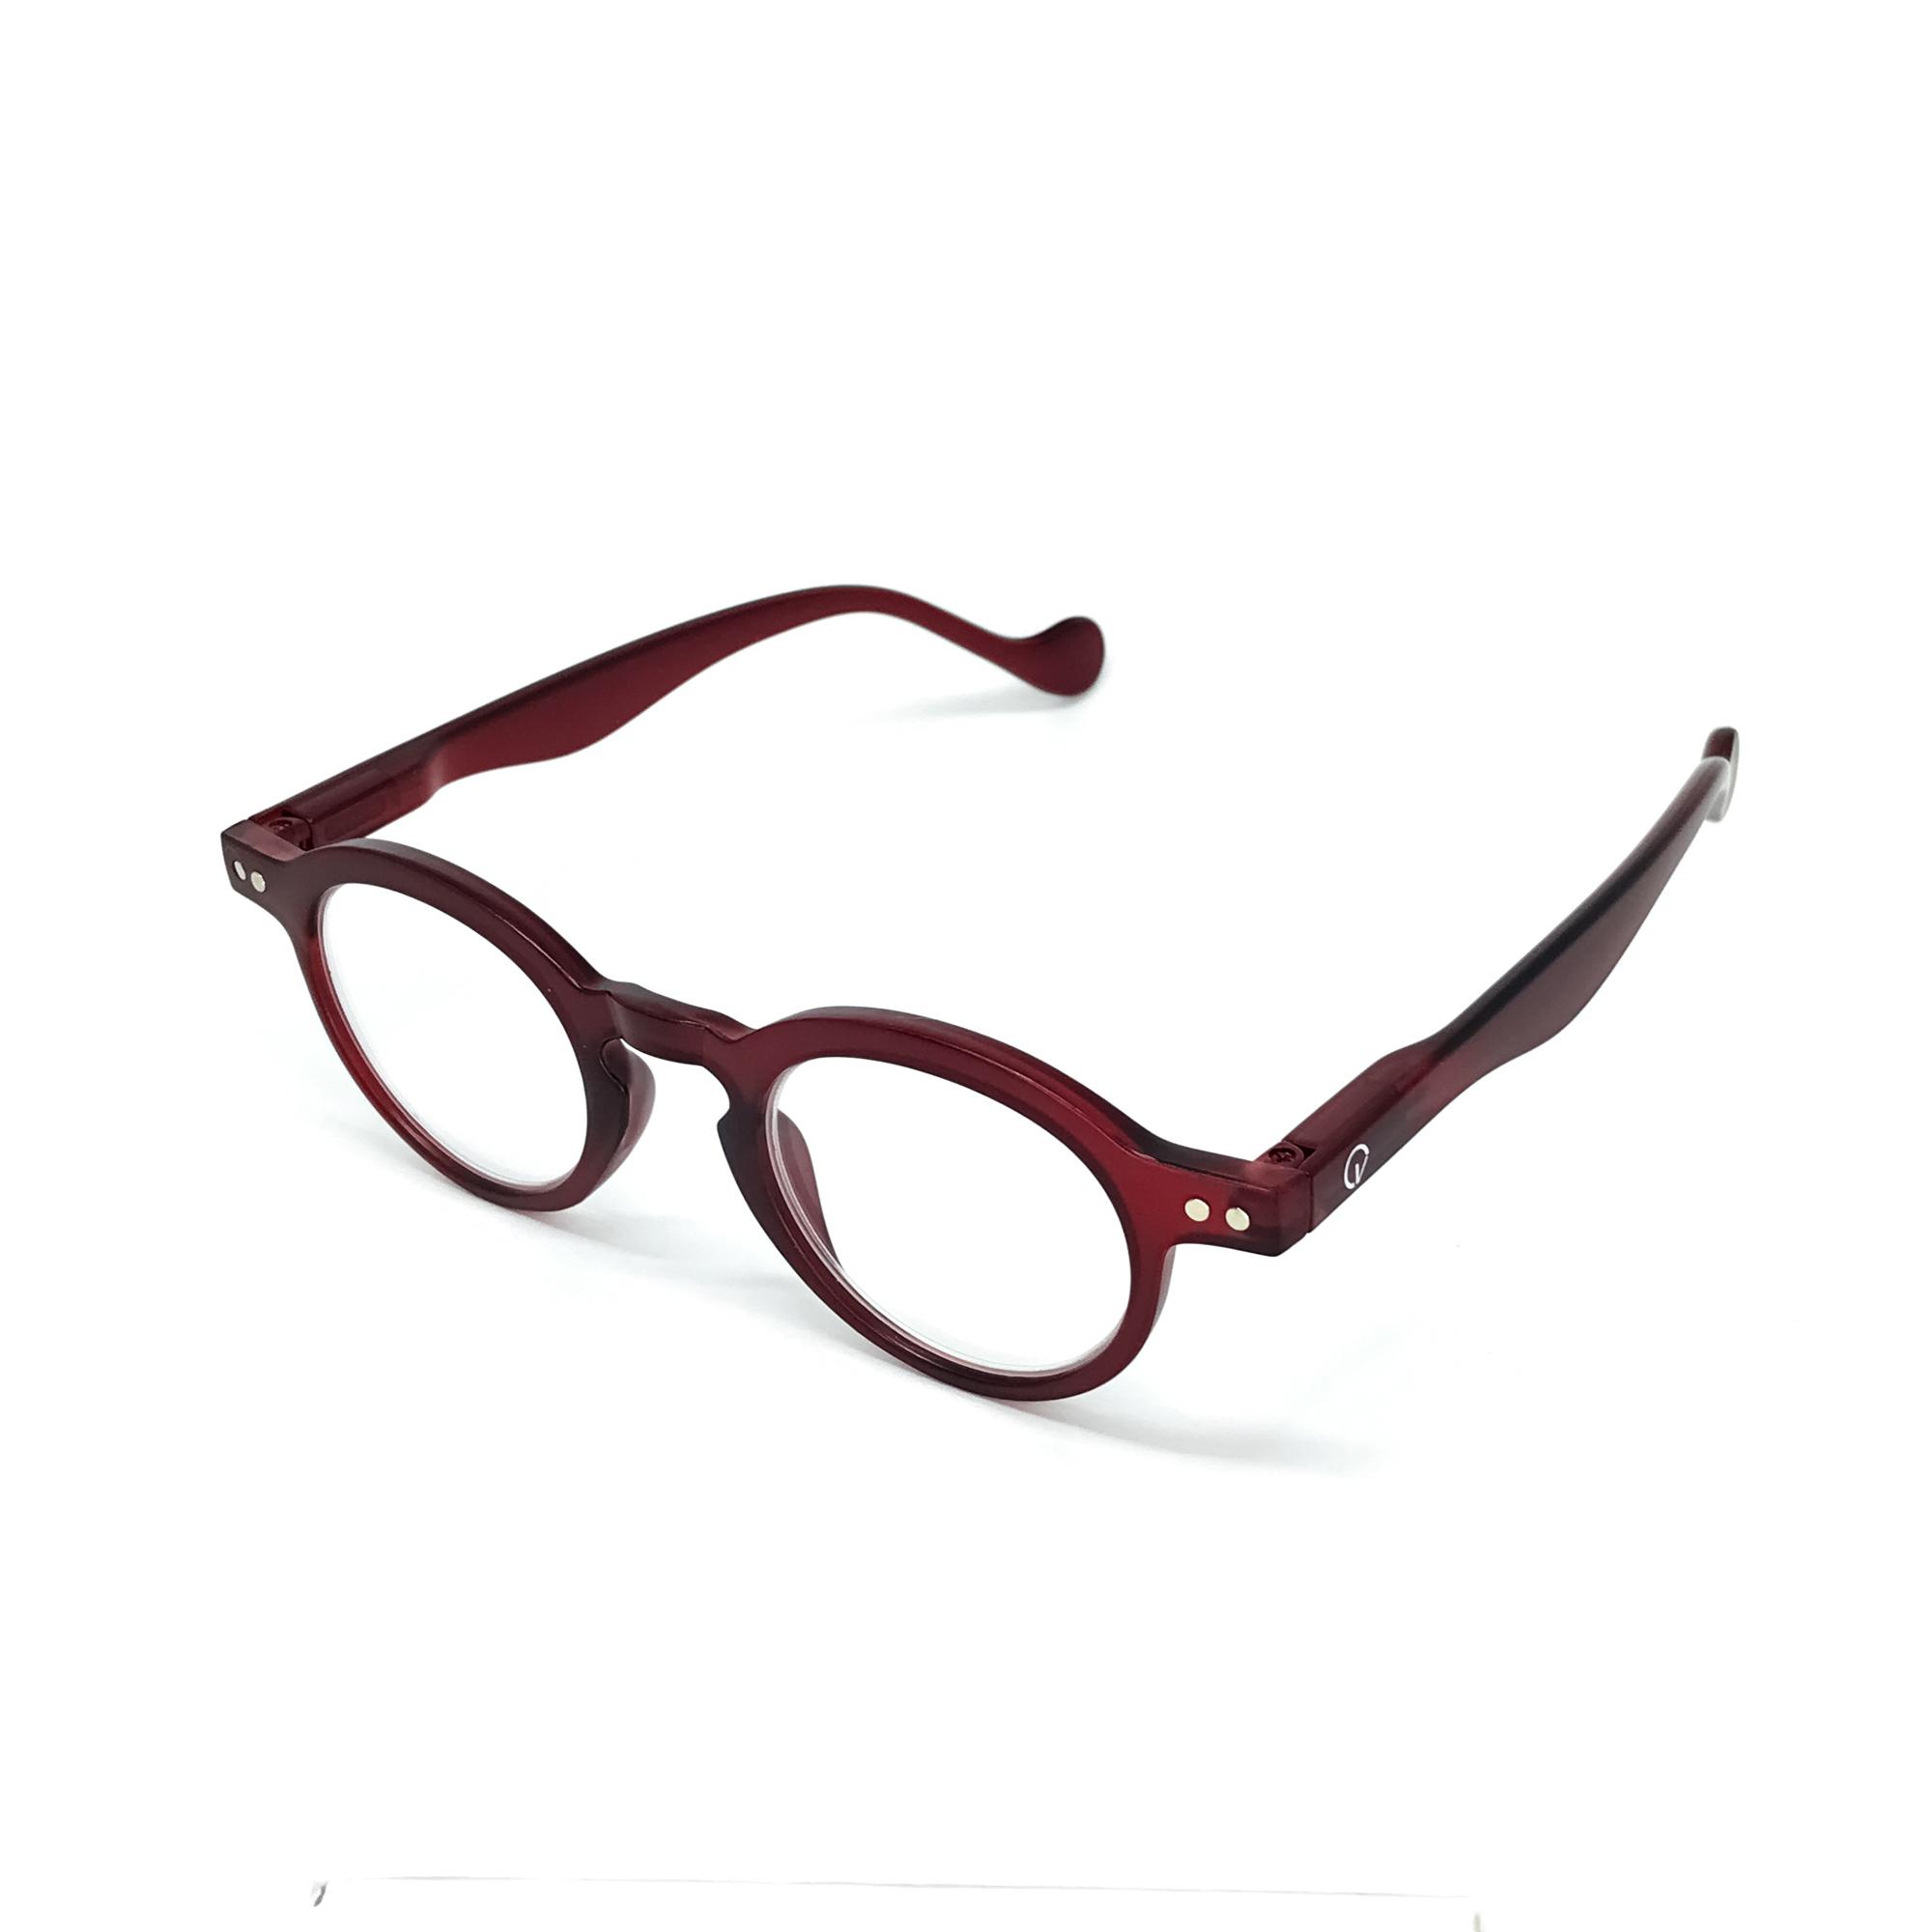 0860034-Óculos Leitura Redondo Vermelho +2,50 - Contém 1 Peça  - ENTREGA IMEDIATA